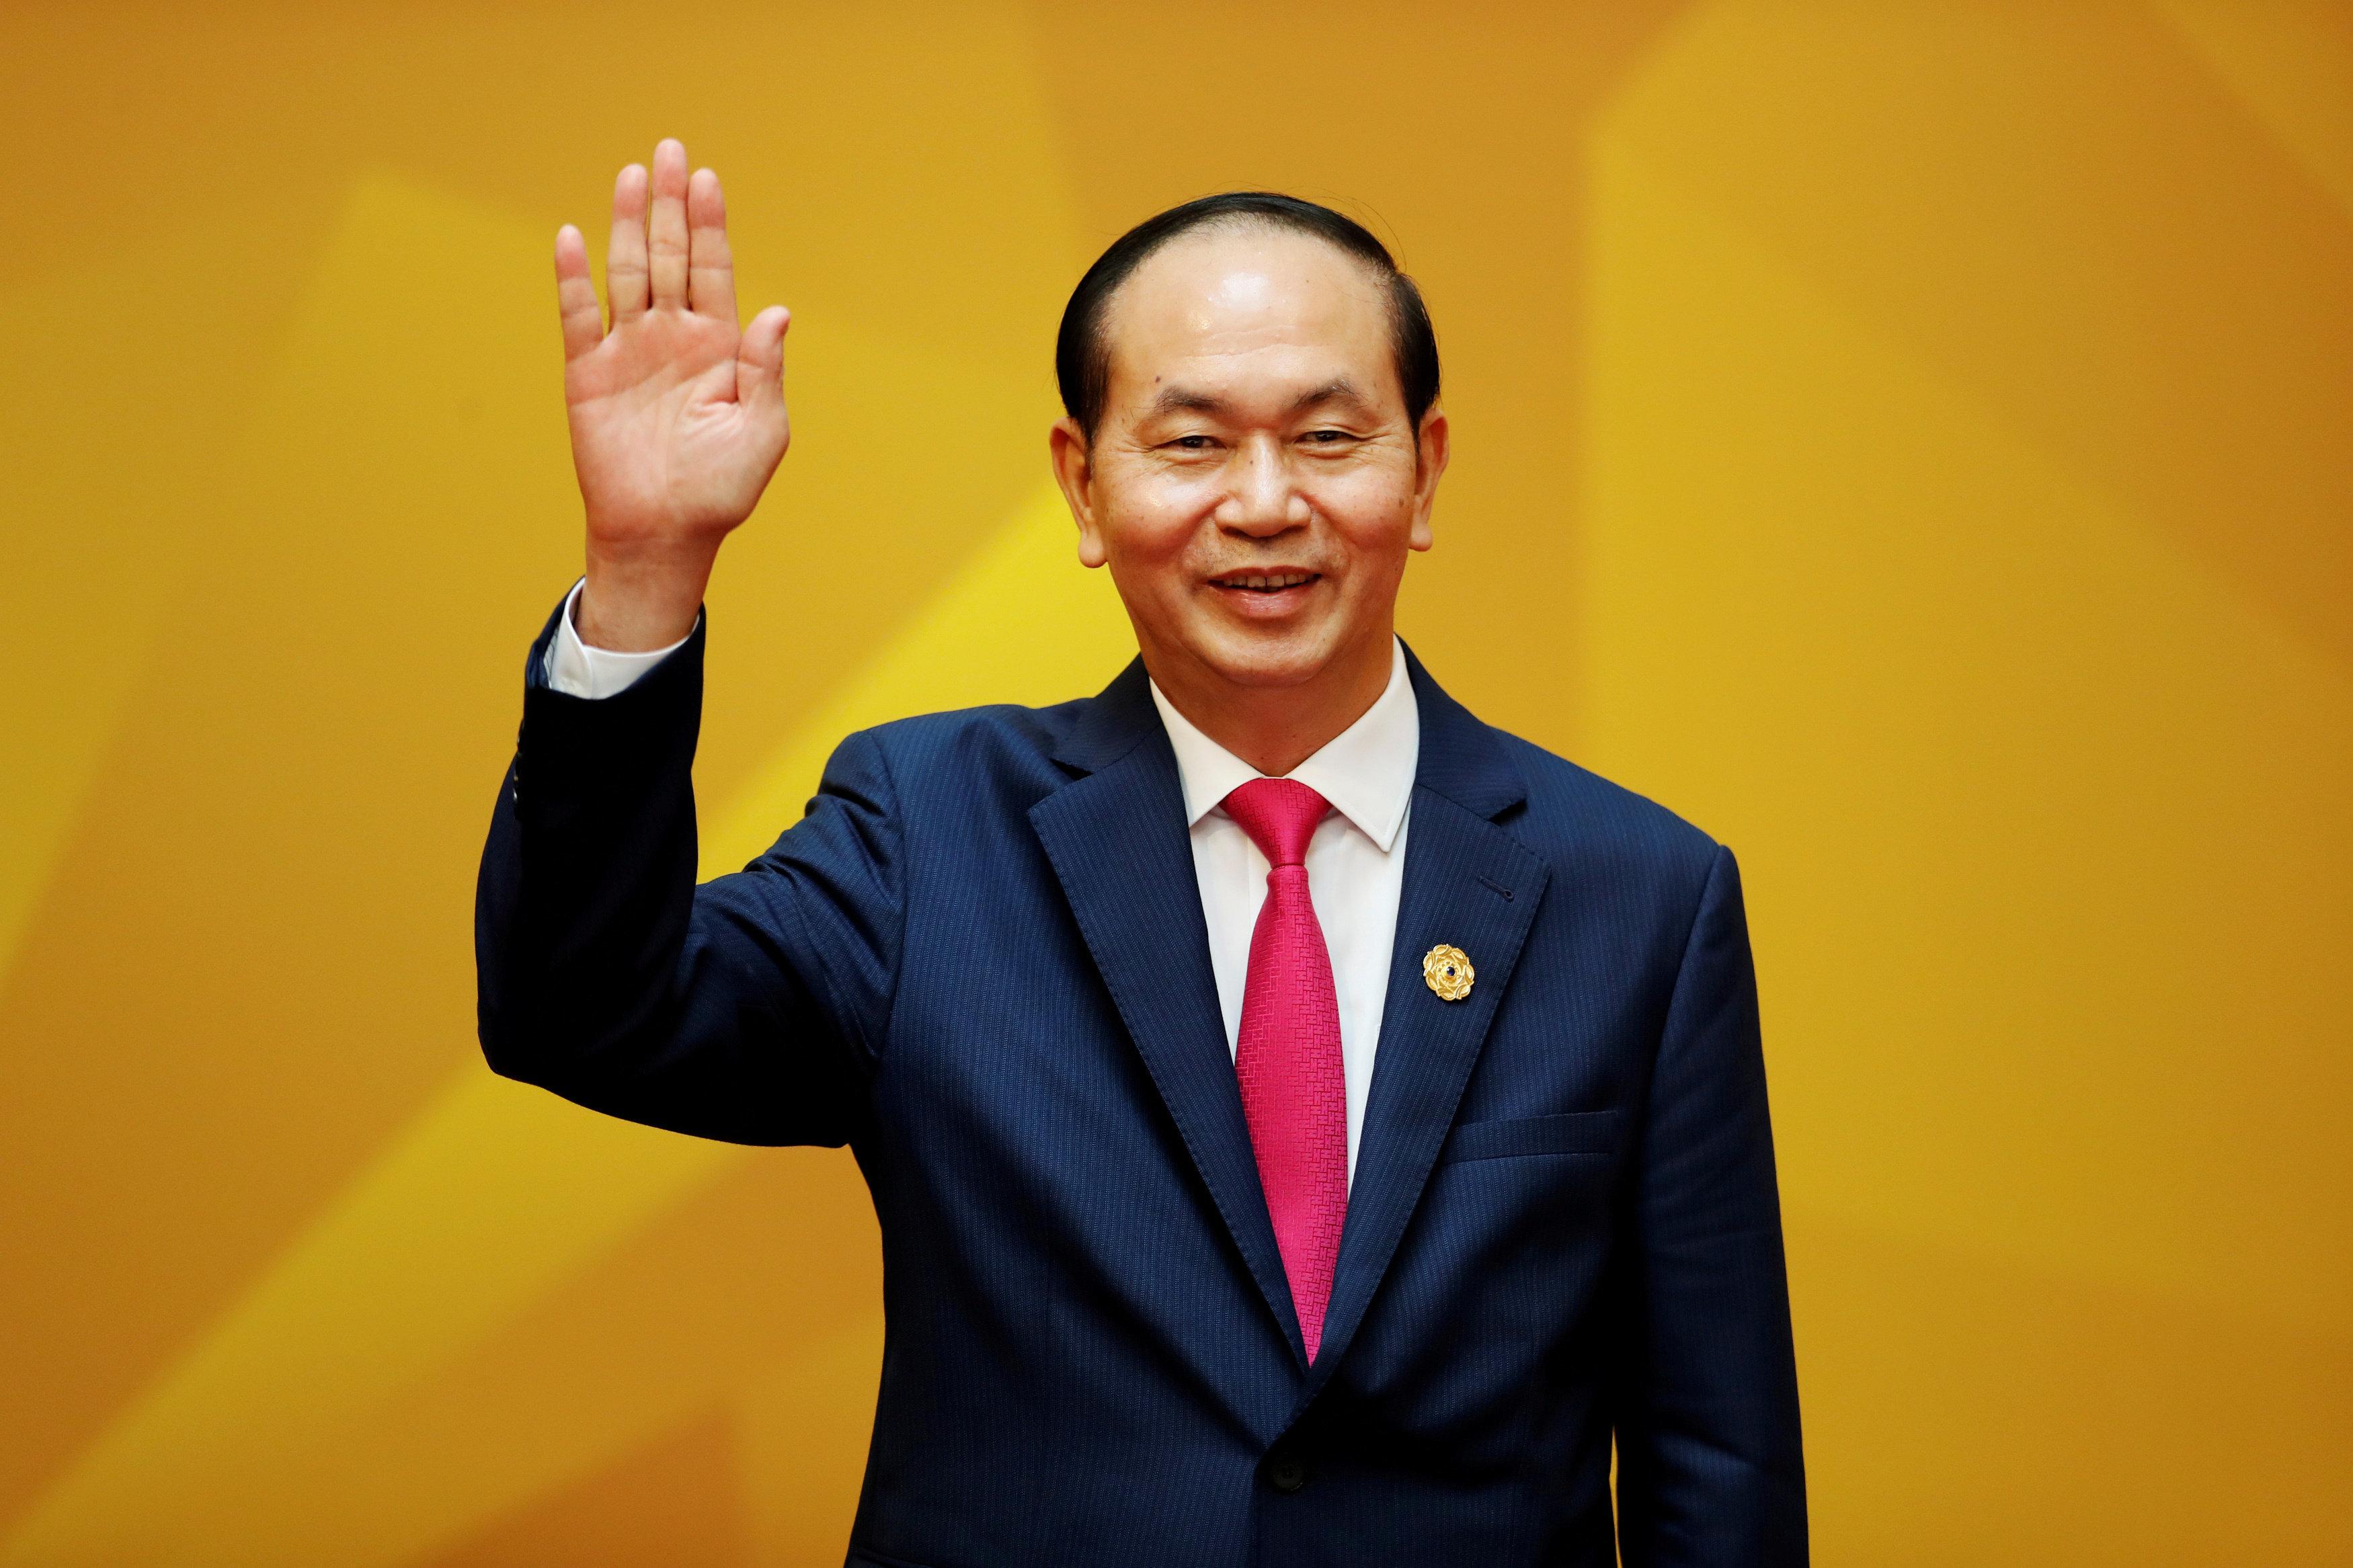 FILE PHOTO: Vietnam's President Tran Dai Quang attends the APEC Economic Leaders' Meeting in Danang, Vietnam November 11, 2017. REUTERS/Jorge Silva/File Photo